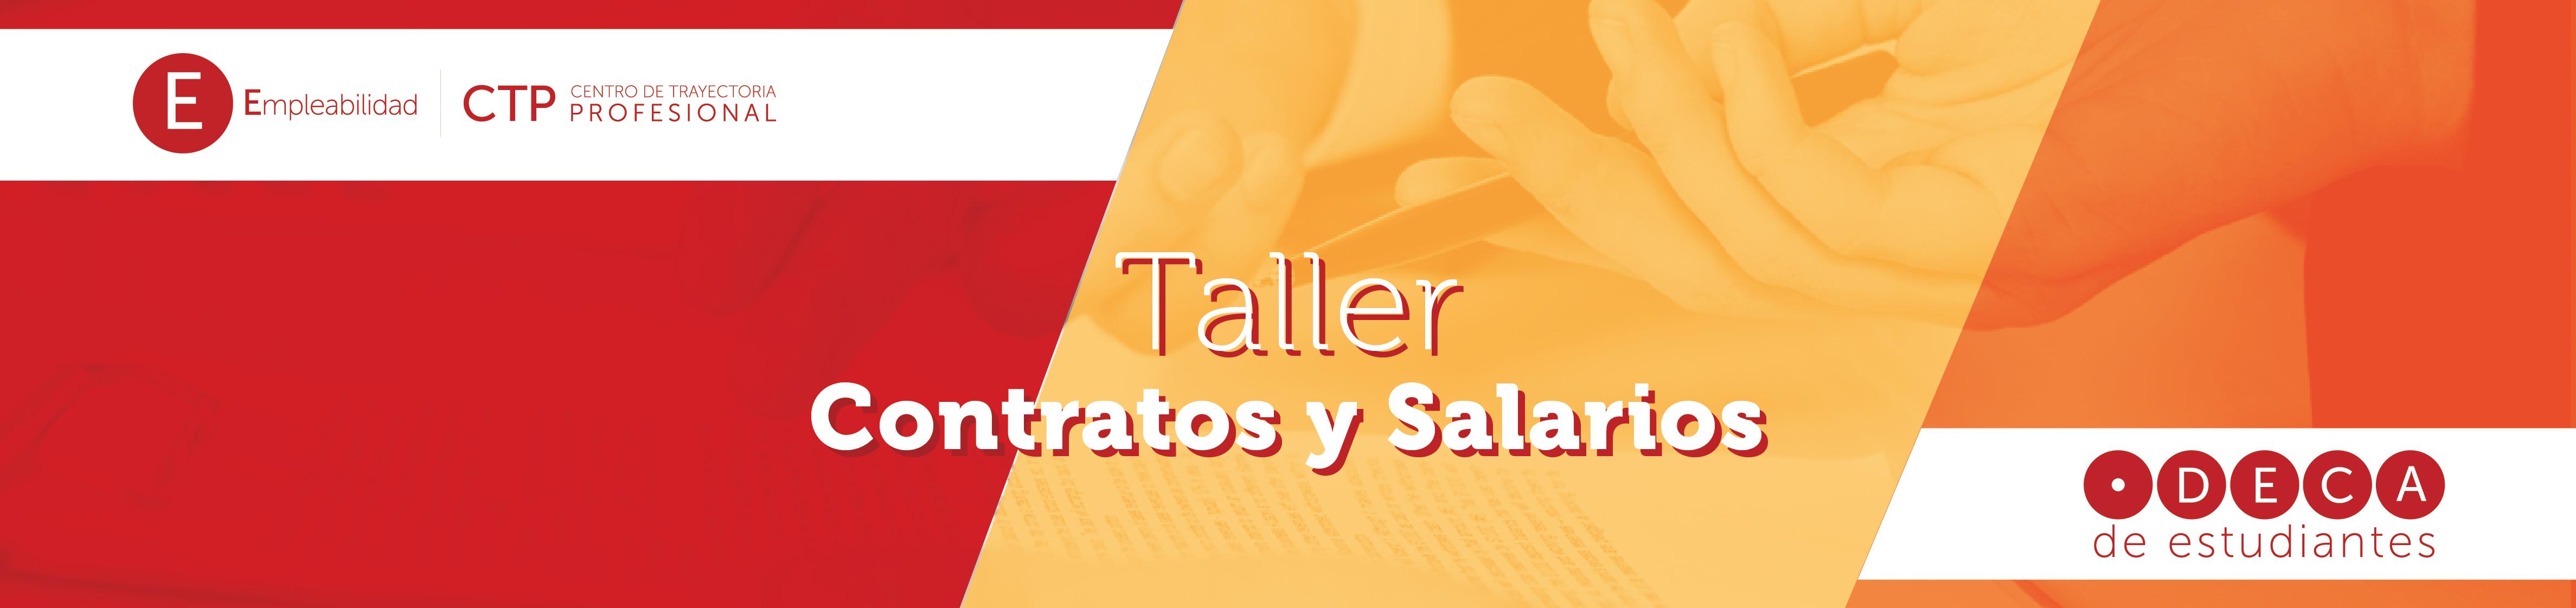 Taller_contratos_y_salarios_g